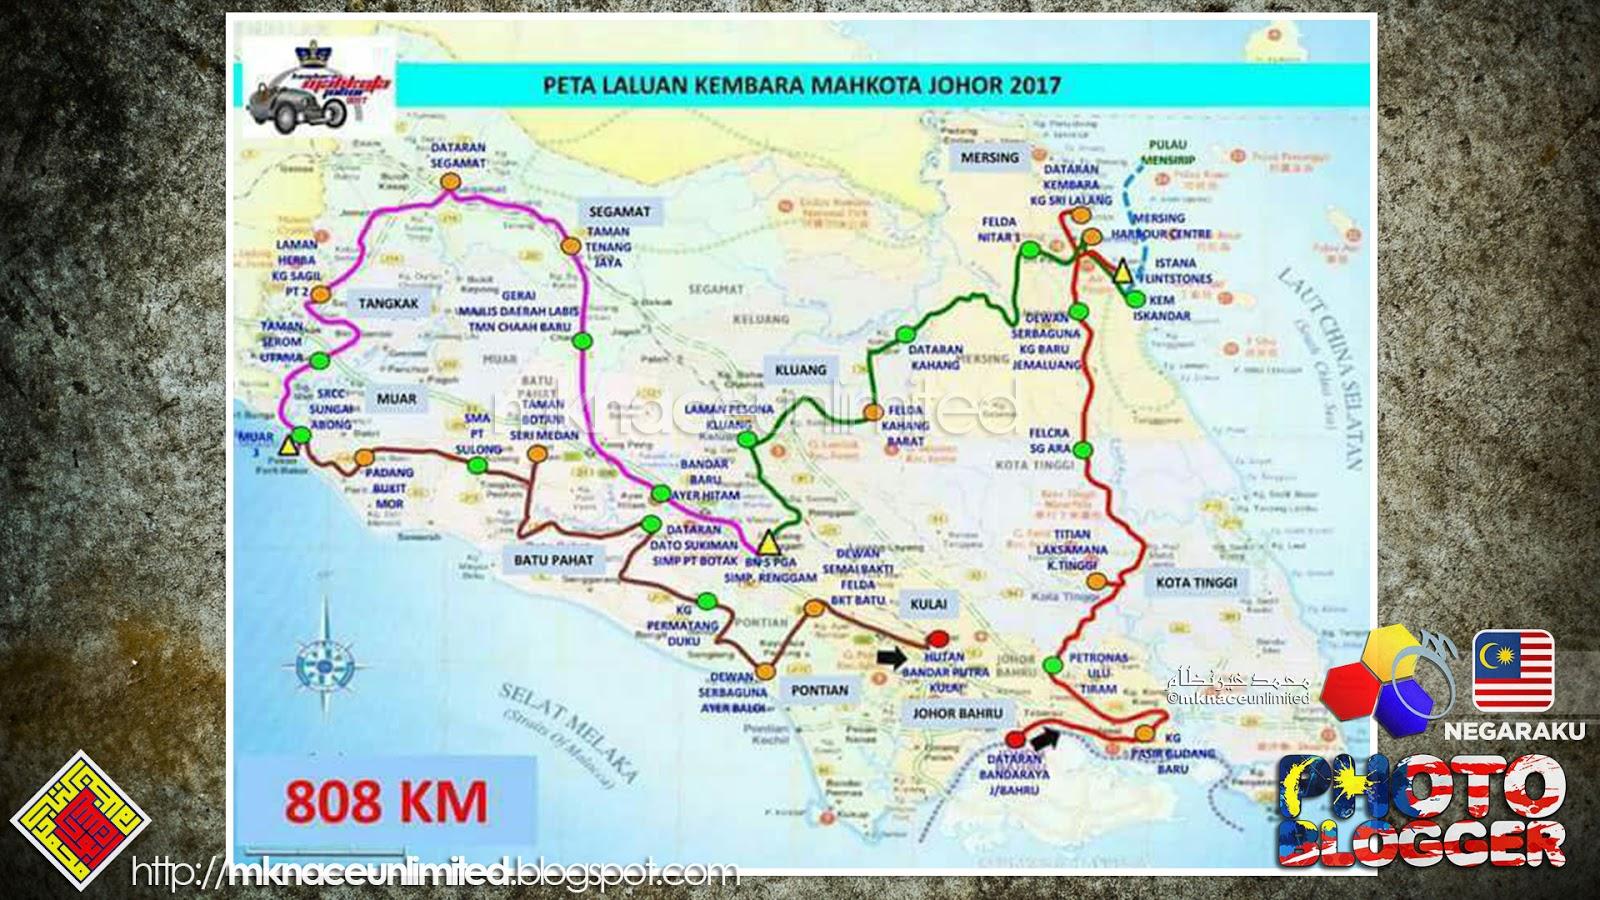 Kembara Mahkota Johor 2017 Bermula 9 12 September Mknace Roti Tissue By Canai Ikhwan Gh Corner Mks Tahun Ini Dymm Tuanku Berkenan Memandu Kereta Klasik Morgan Dari Bahru Pontian Kota Tinggi Mersing Kluang Segamat Tangkak Muar